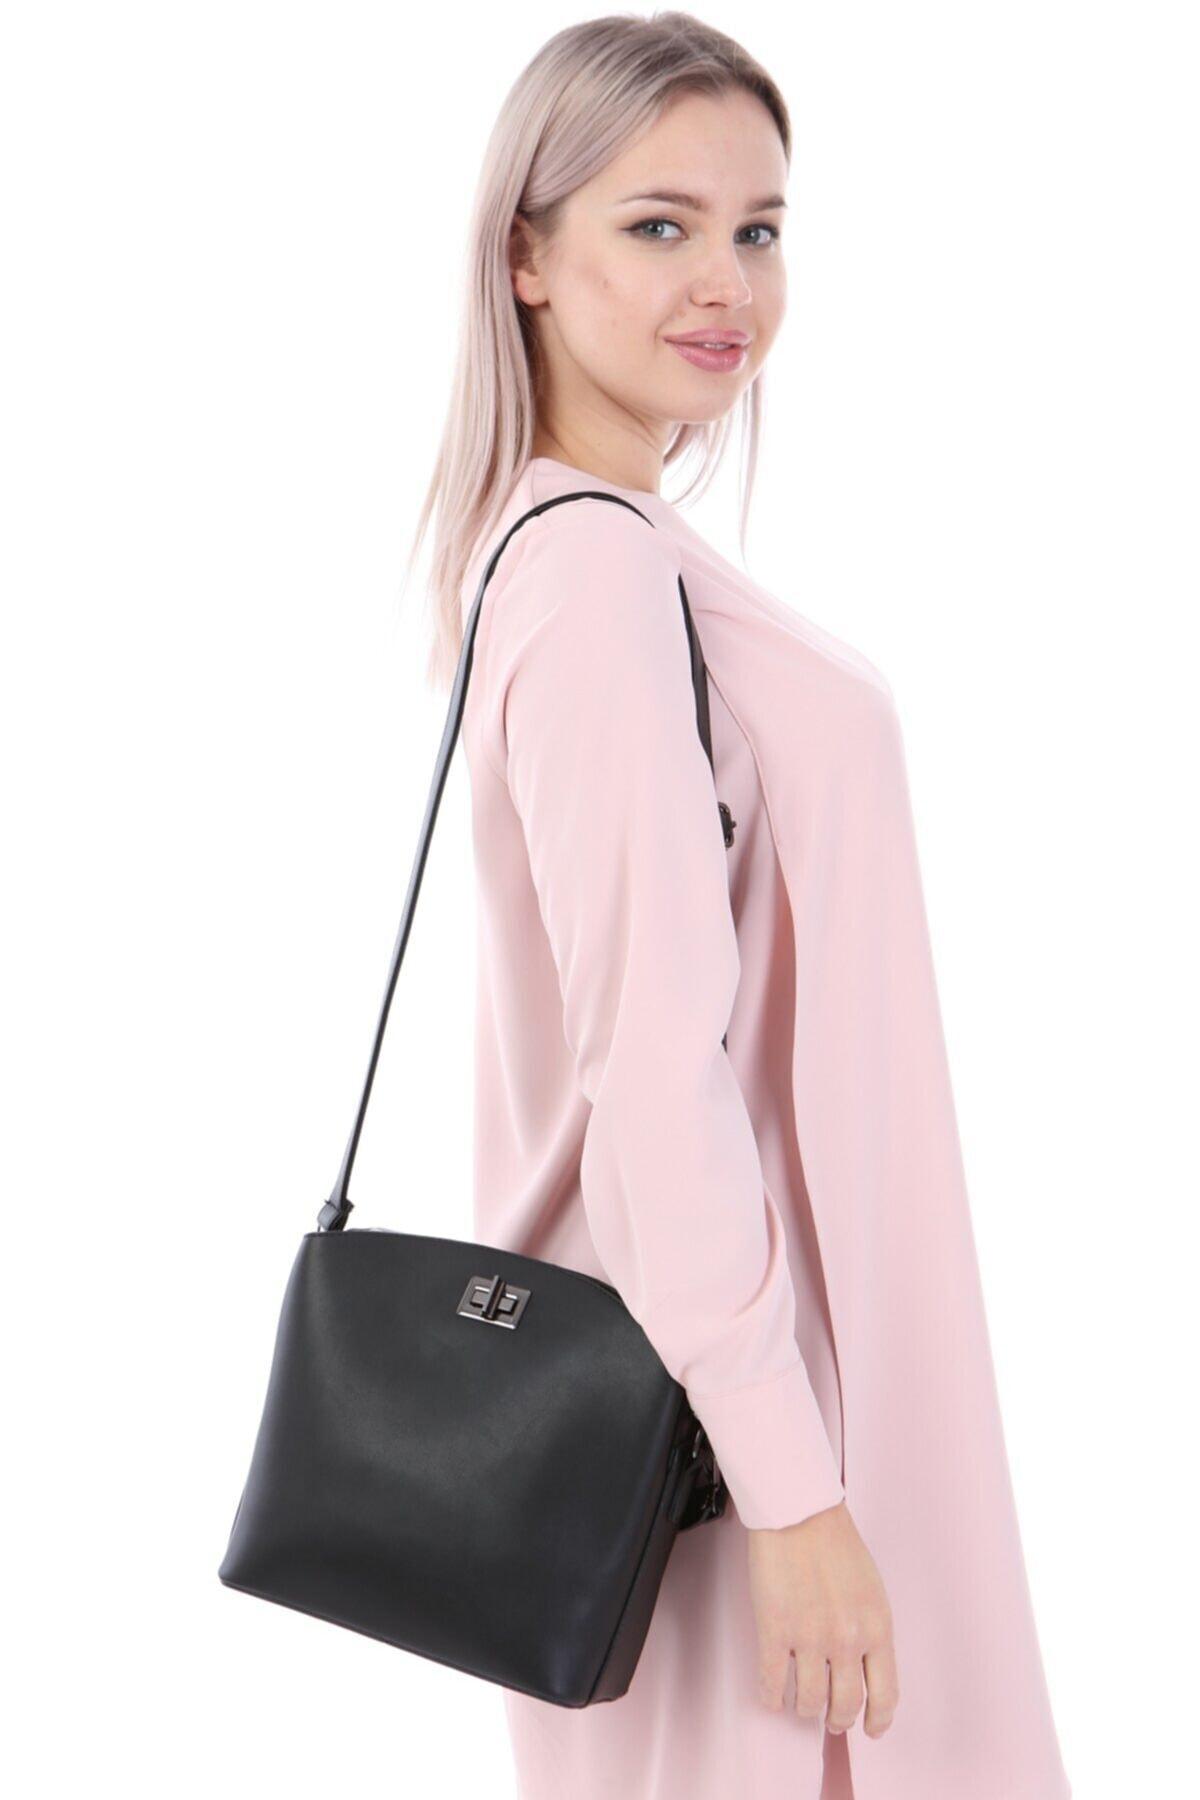 womenacs Kadın Siyah Renk Elde Ve Omuz Askılı Kullanılabilen Bol Gözlü Püskül Aksesuarlı Çanta 1